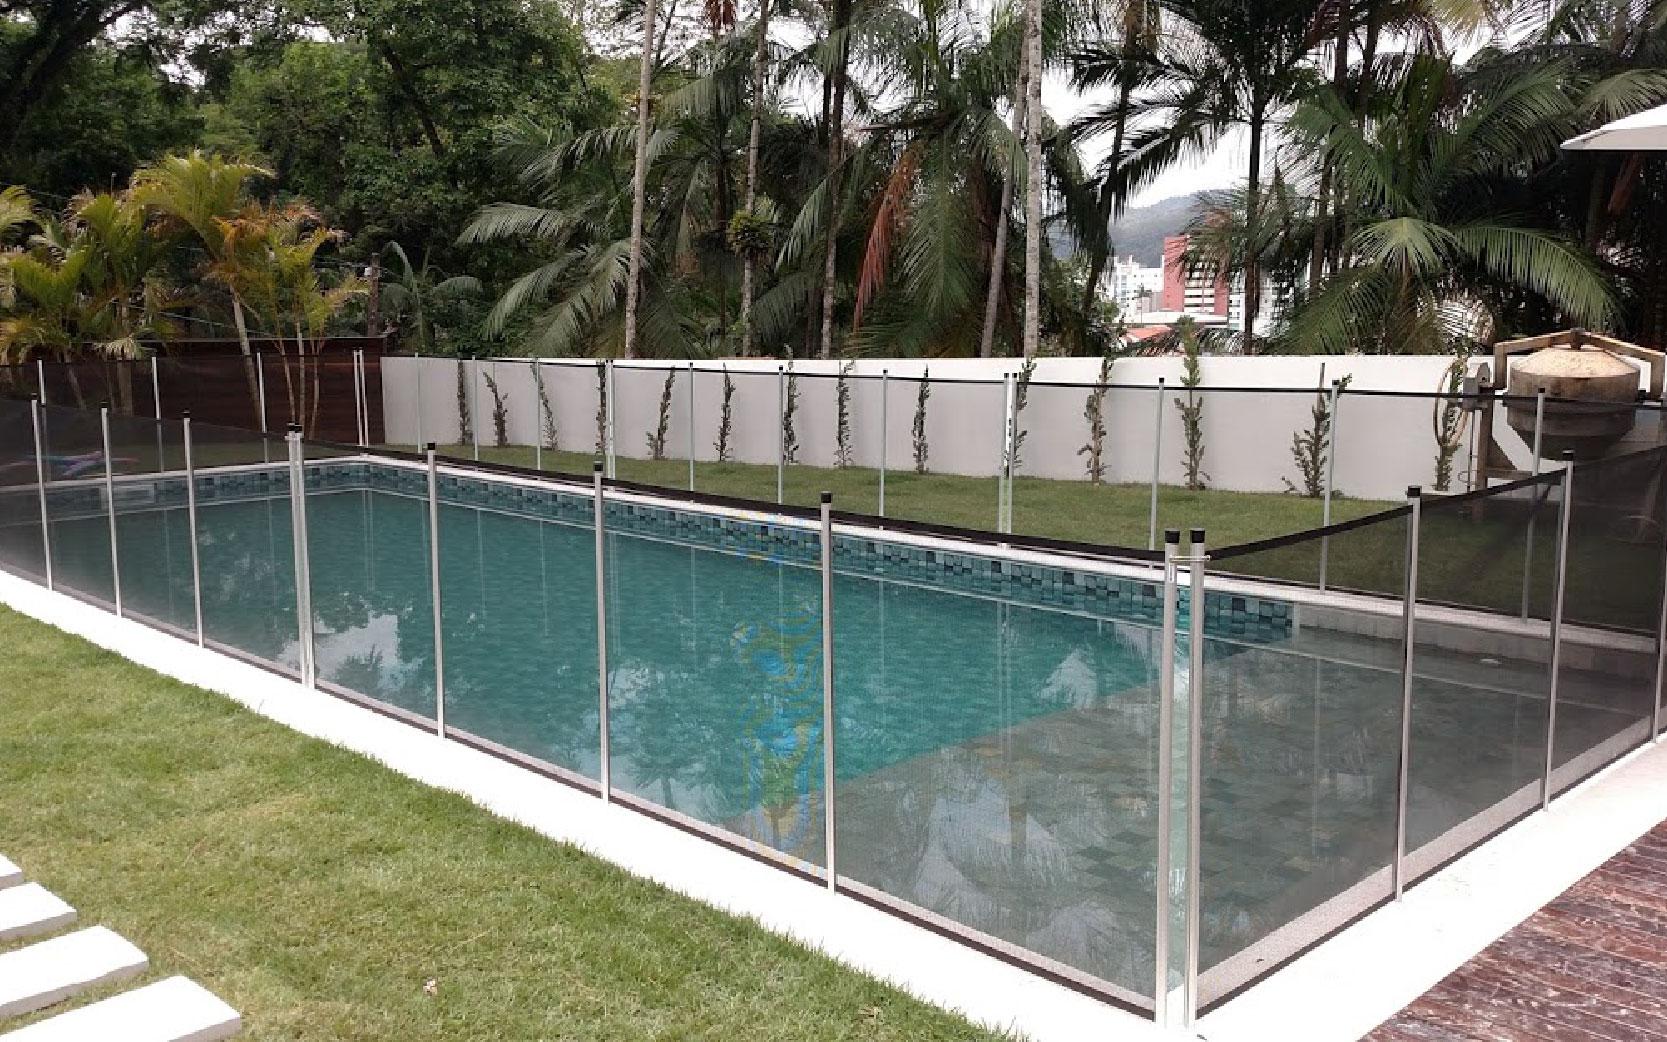 cerca_segurança_piscina-09